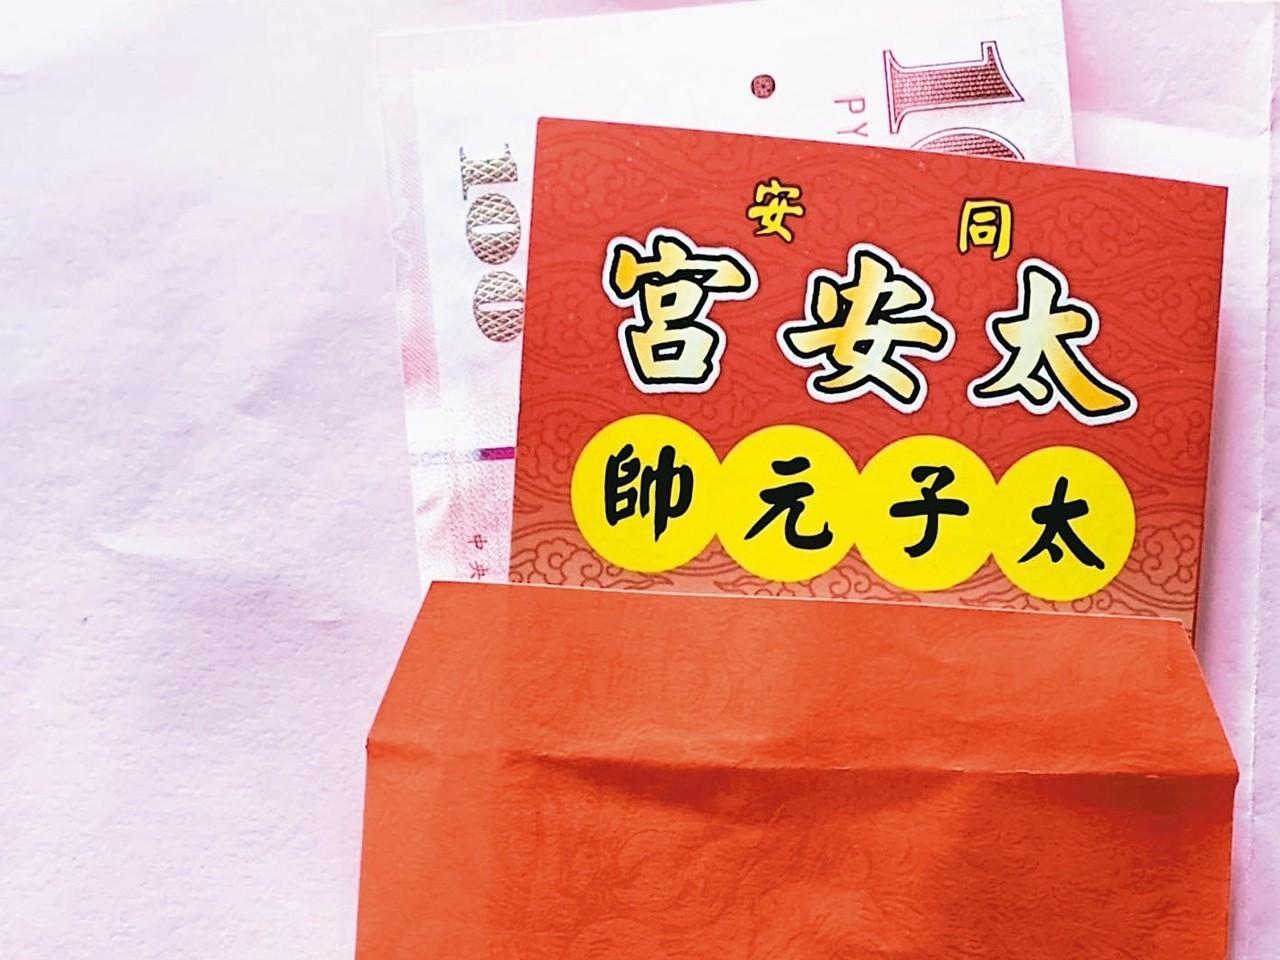 彰化芬園同安太安宮今年發送限量百元紅包給信徒。 圖/太安宮提供